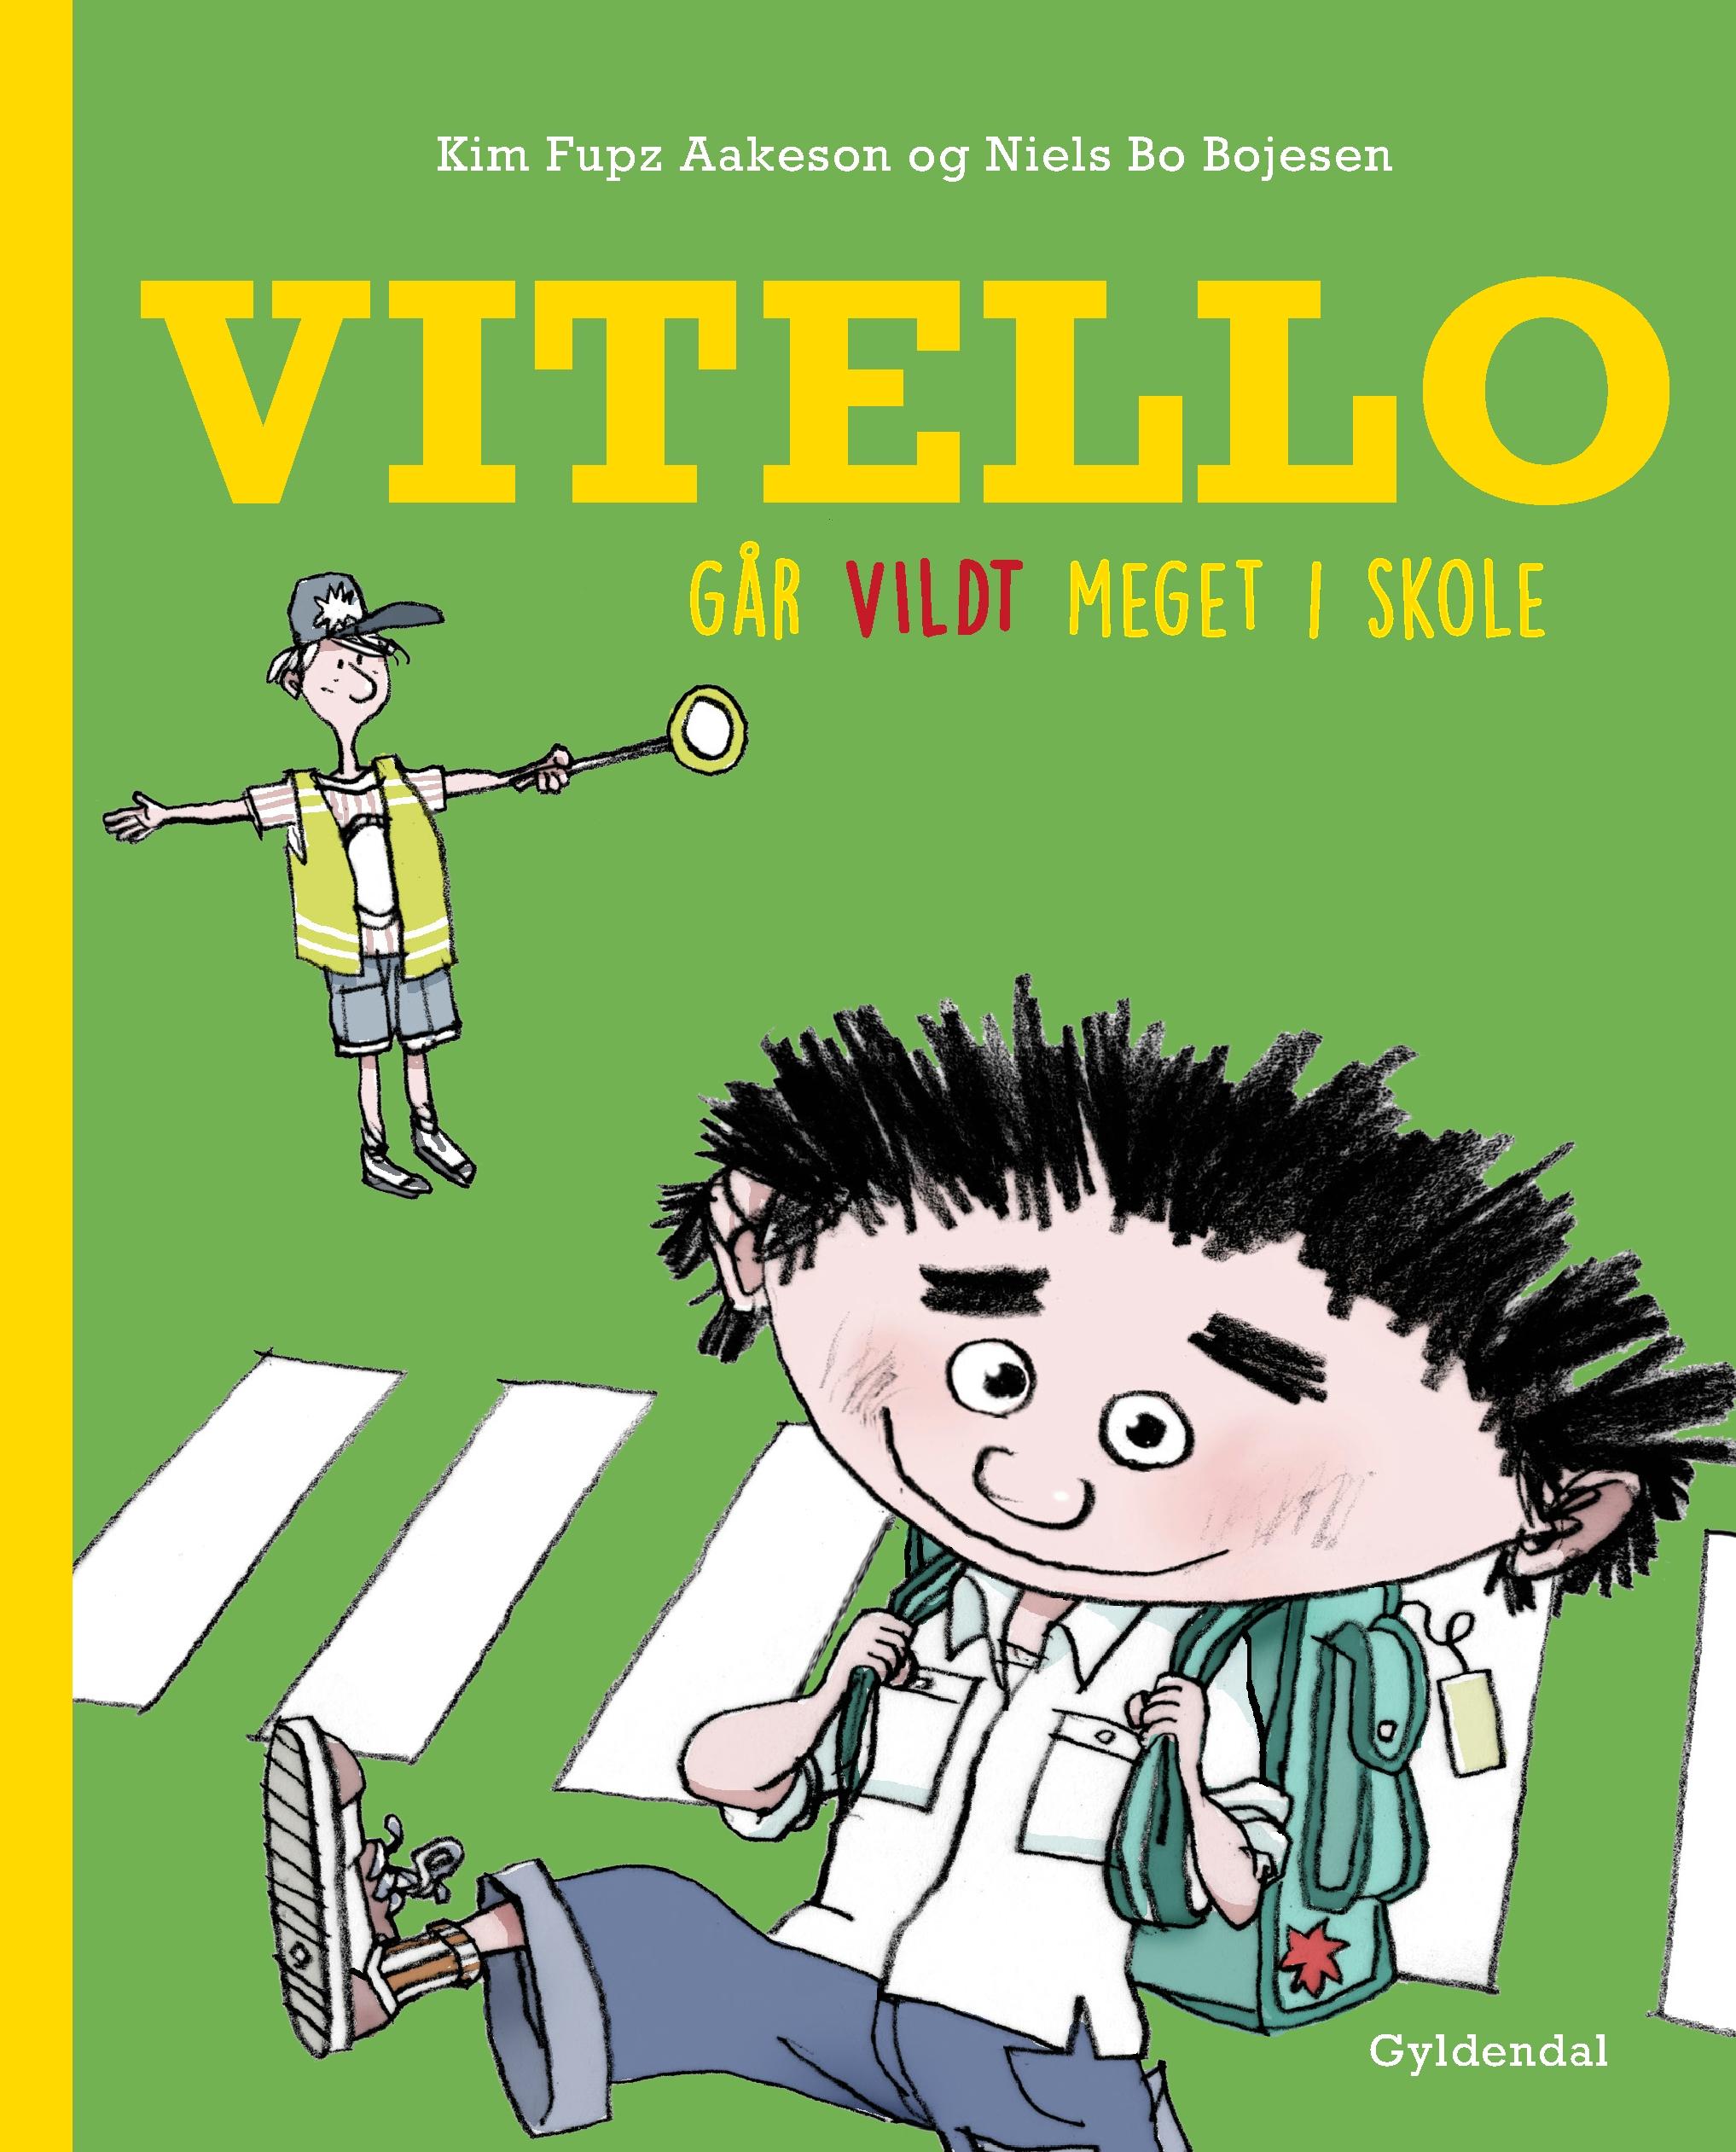 Vitello: Vitello går vildt meget i skole - Kim Fupz Aakeson; Niels Bo Bojesen - Bøger - Gyldendal - 9788702302554 - 18/1-2021